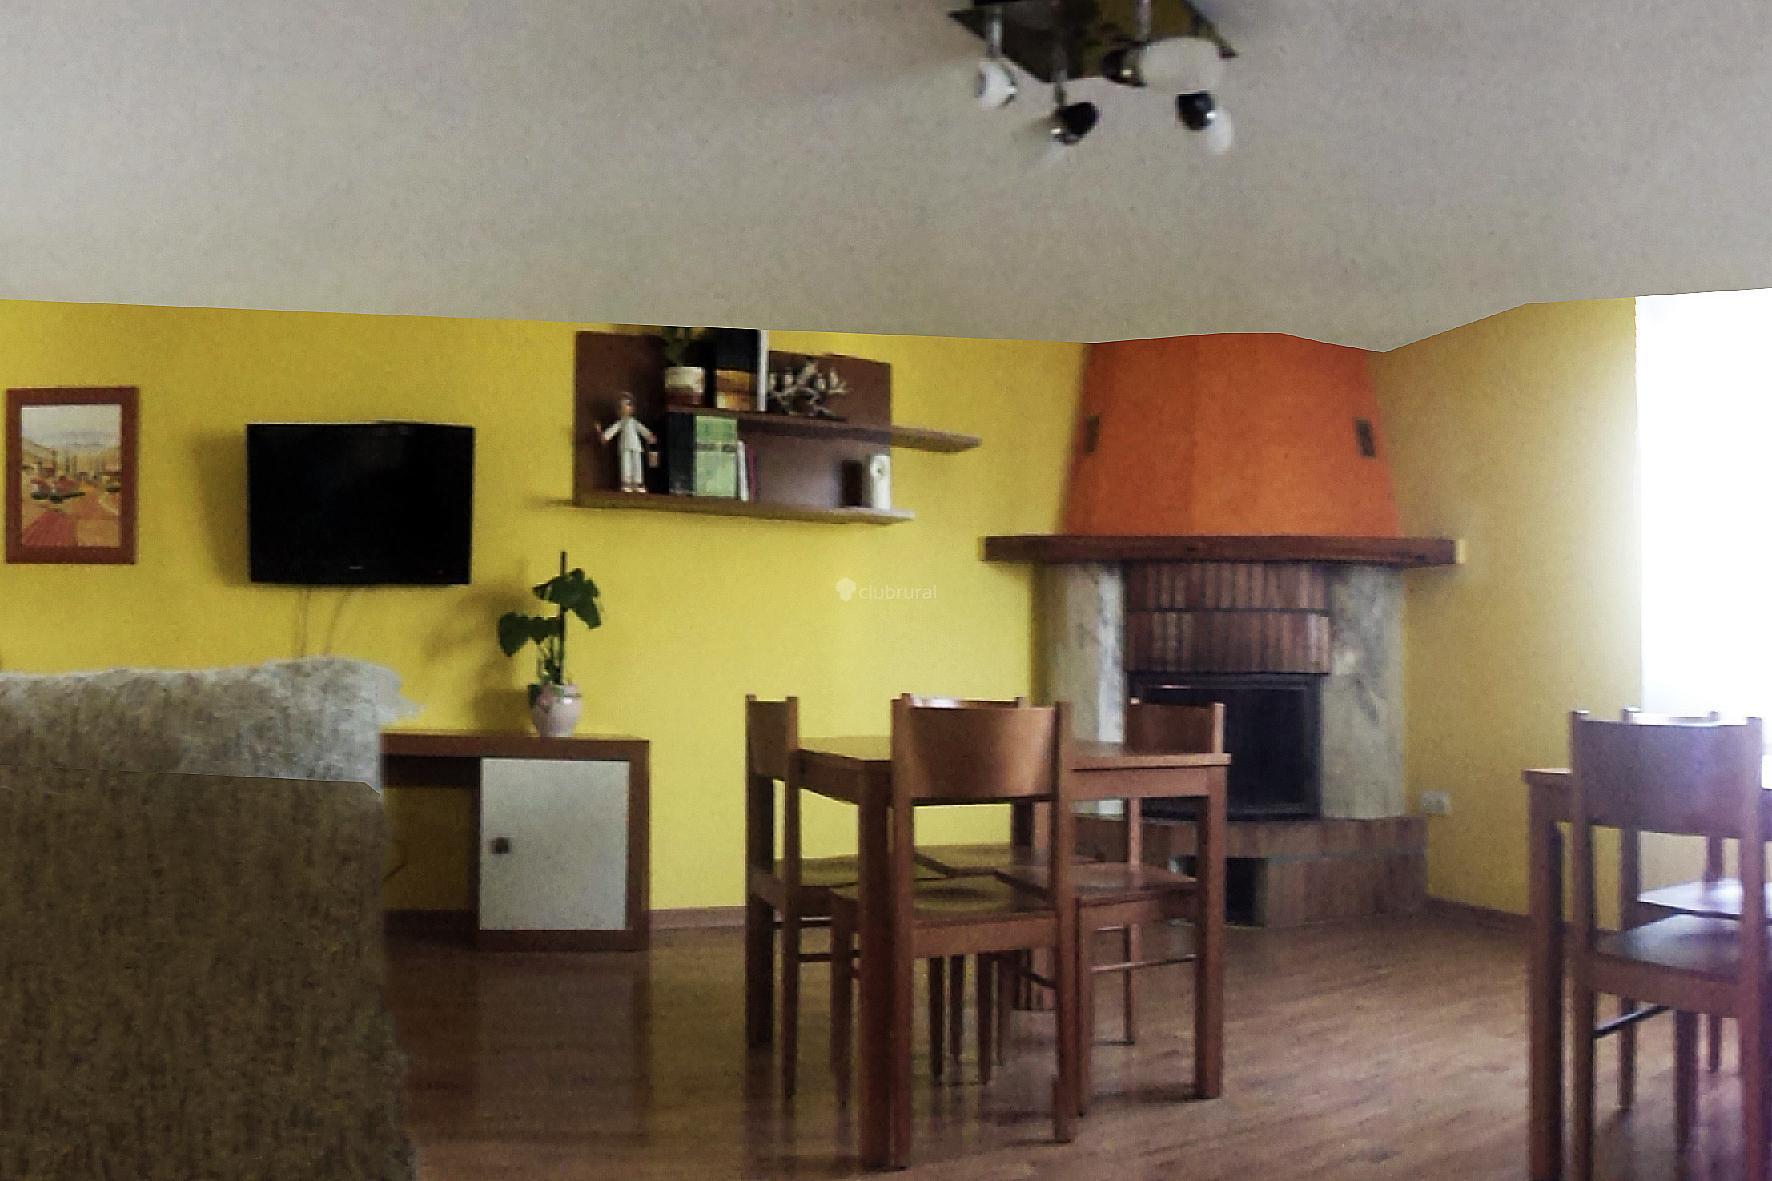 Fotos de la pintora burgos aranda de duero clubrural for Casa rural la balconada